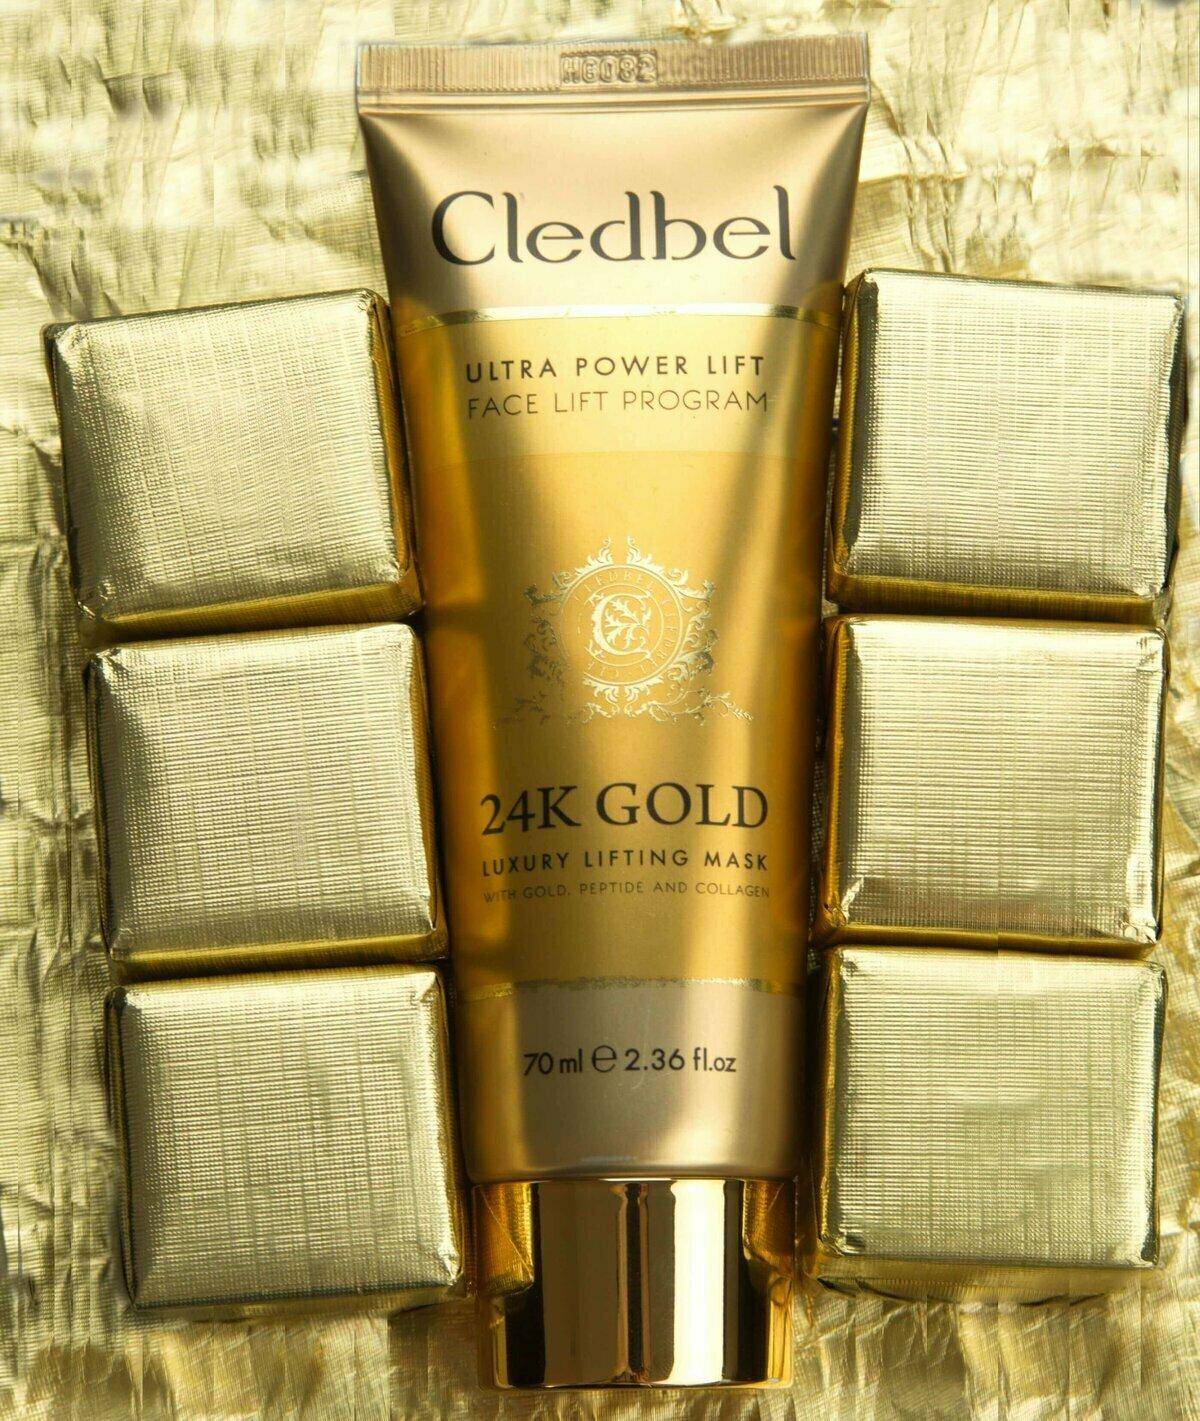 Маска-пленка Cledbel 24K Gold с лифтинг-эффектом в Балаково